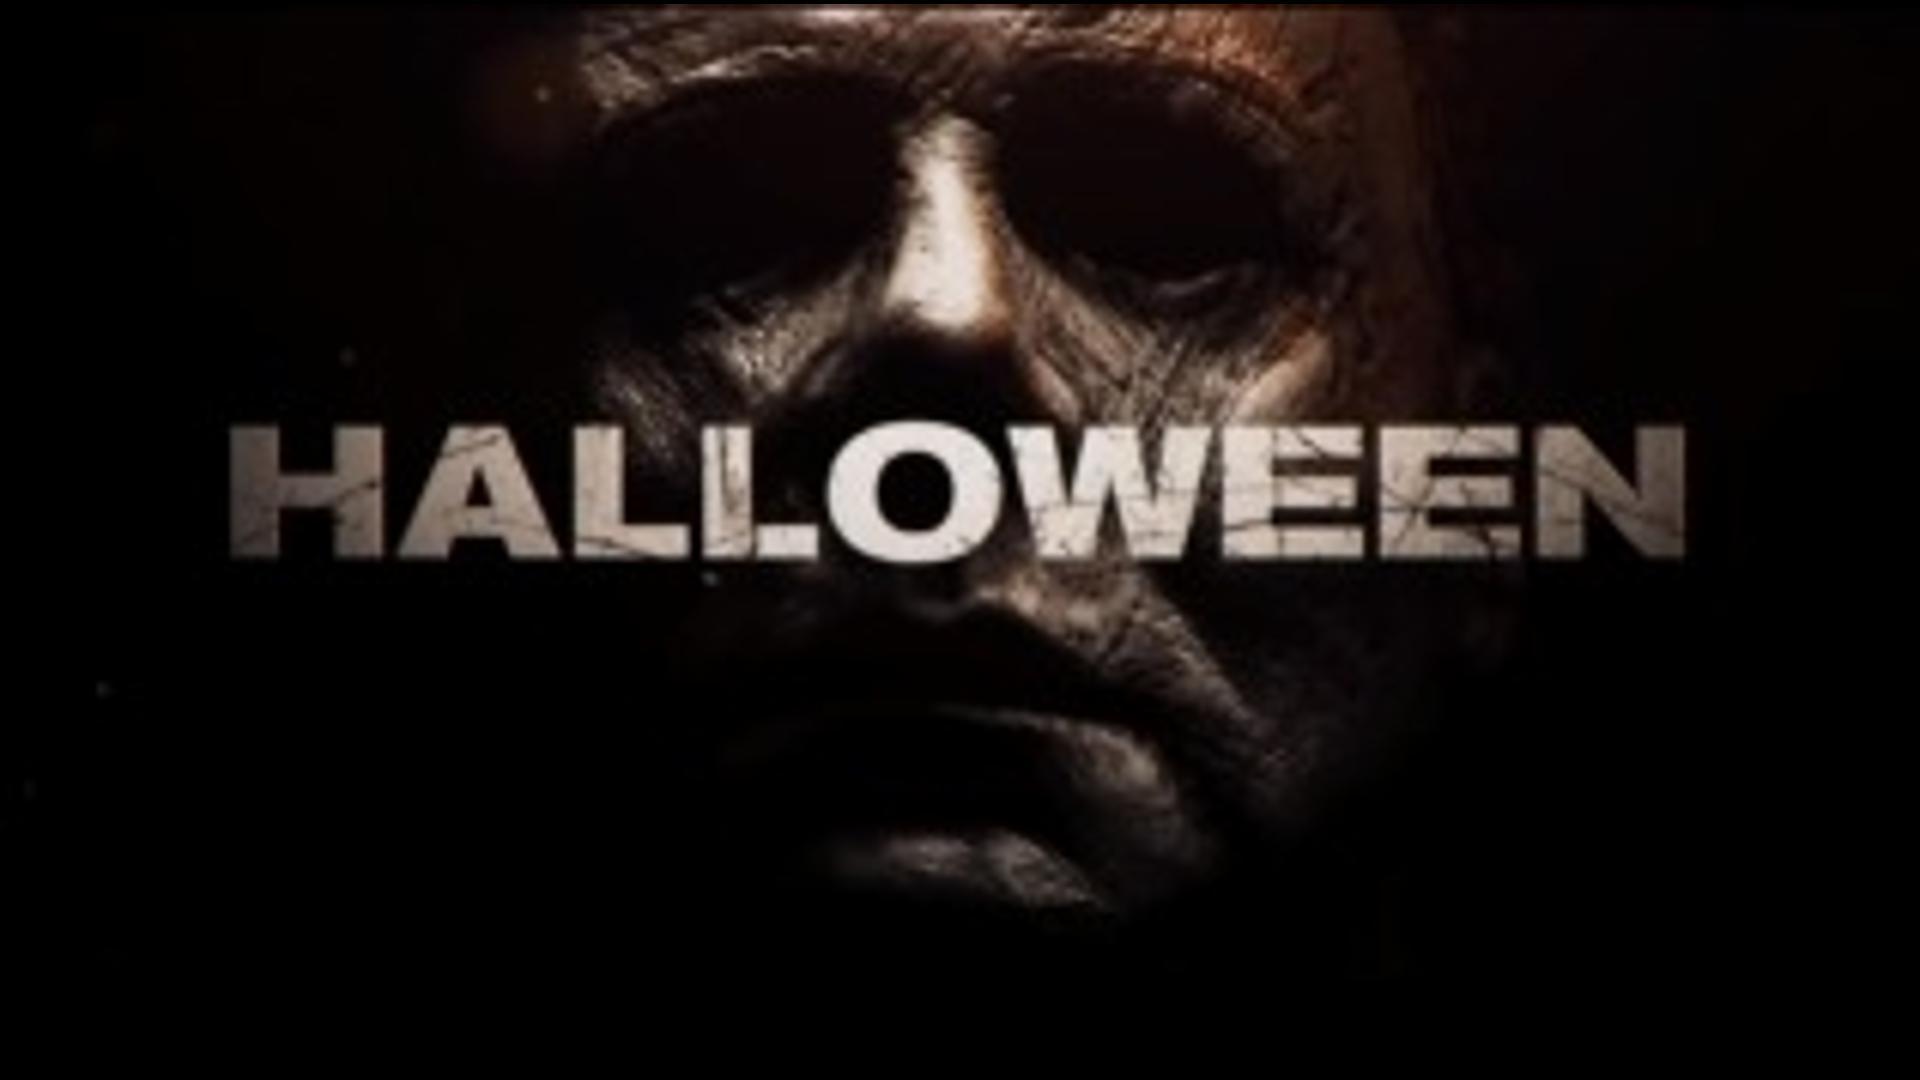 Noticias Nacionales - AMC Theaters Warns Fans of Halloween